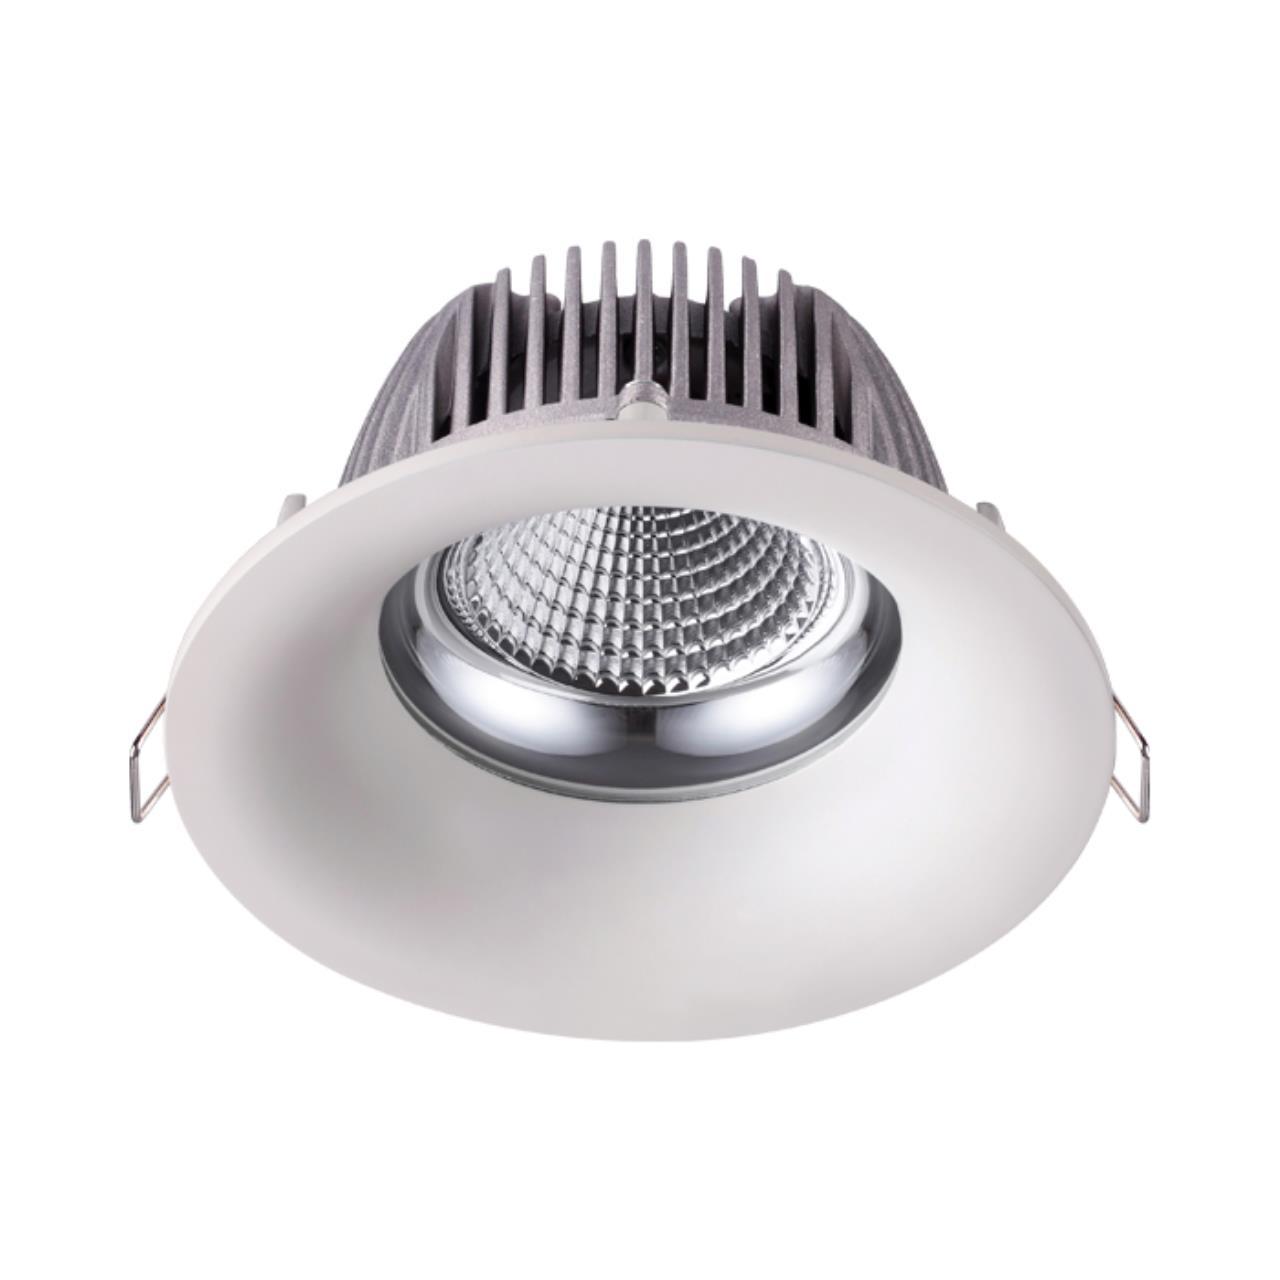 358024 SPOT NT19 091 белый Встраиваемый светильник IP20 LED 4100К 10W 220V GLOK